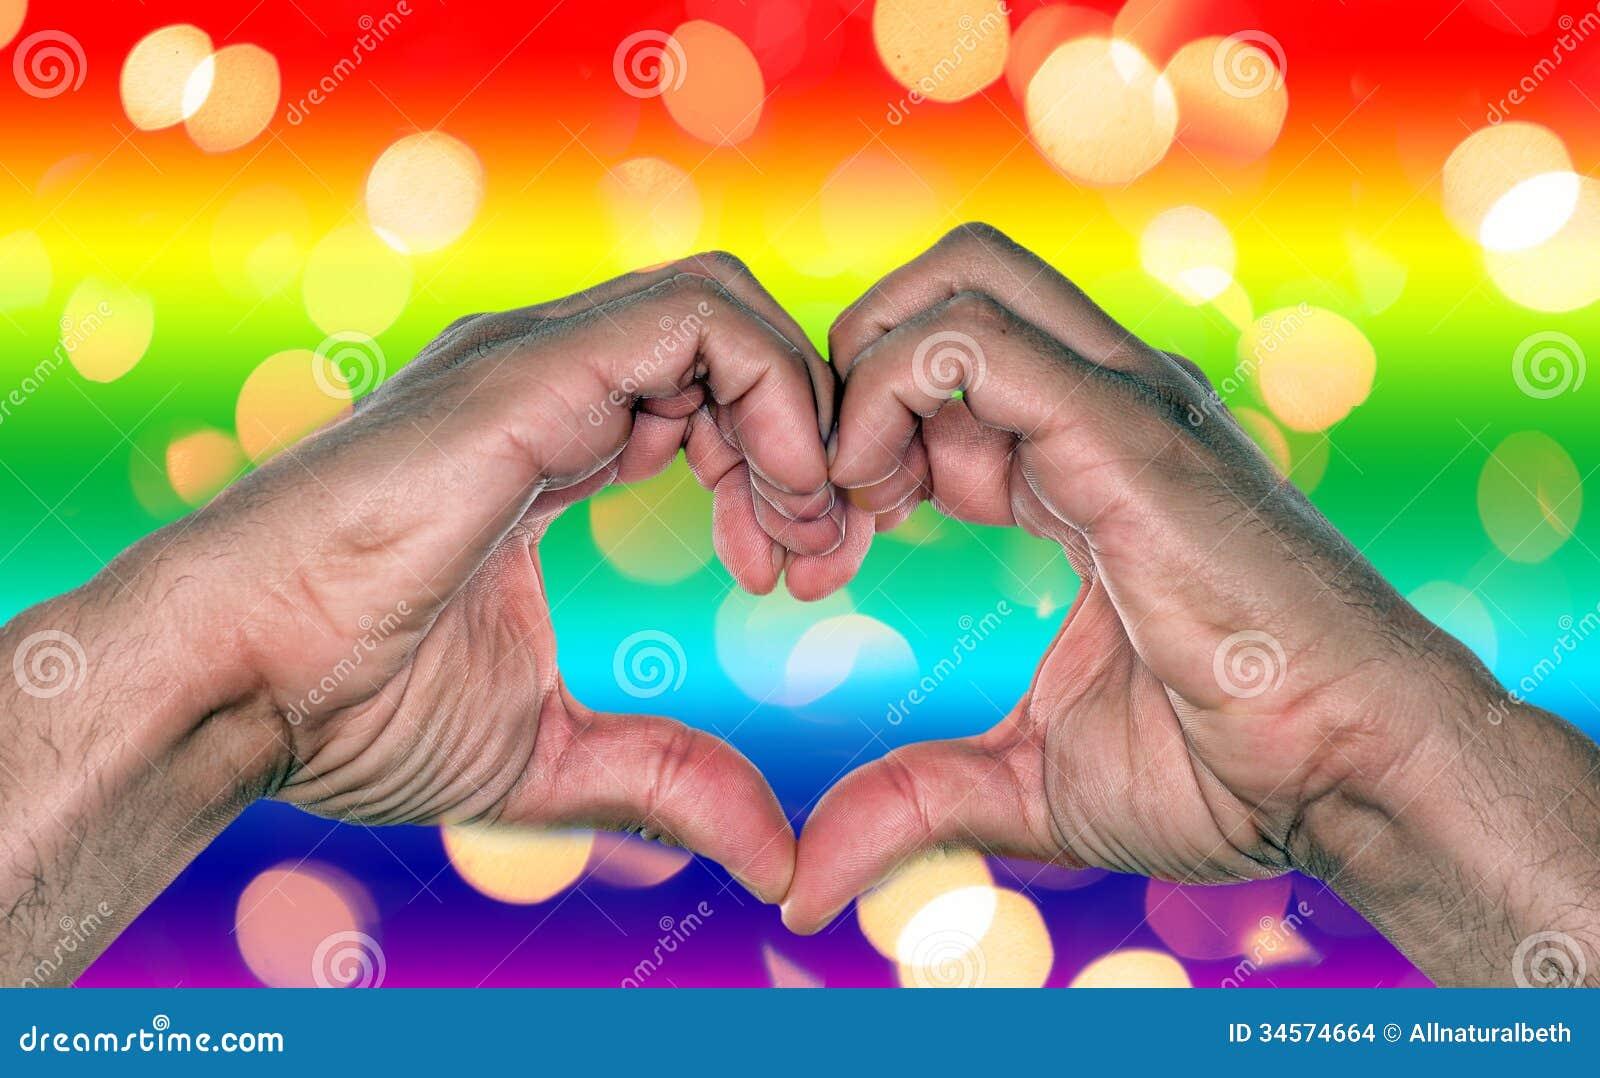 同性彩虹壁纸_同性恋婚姻,爱或者关系有做心脏的彩虹背景和手.